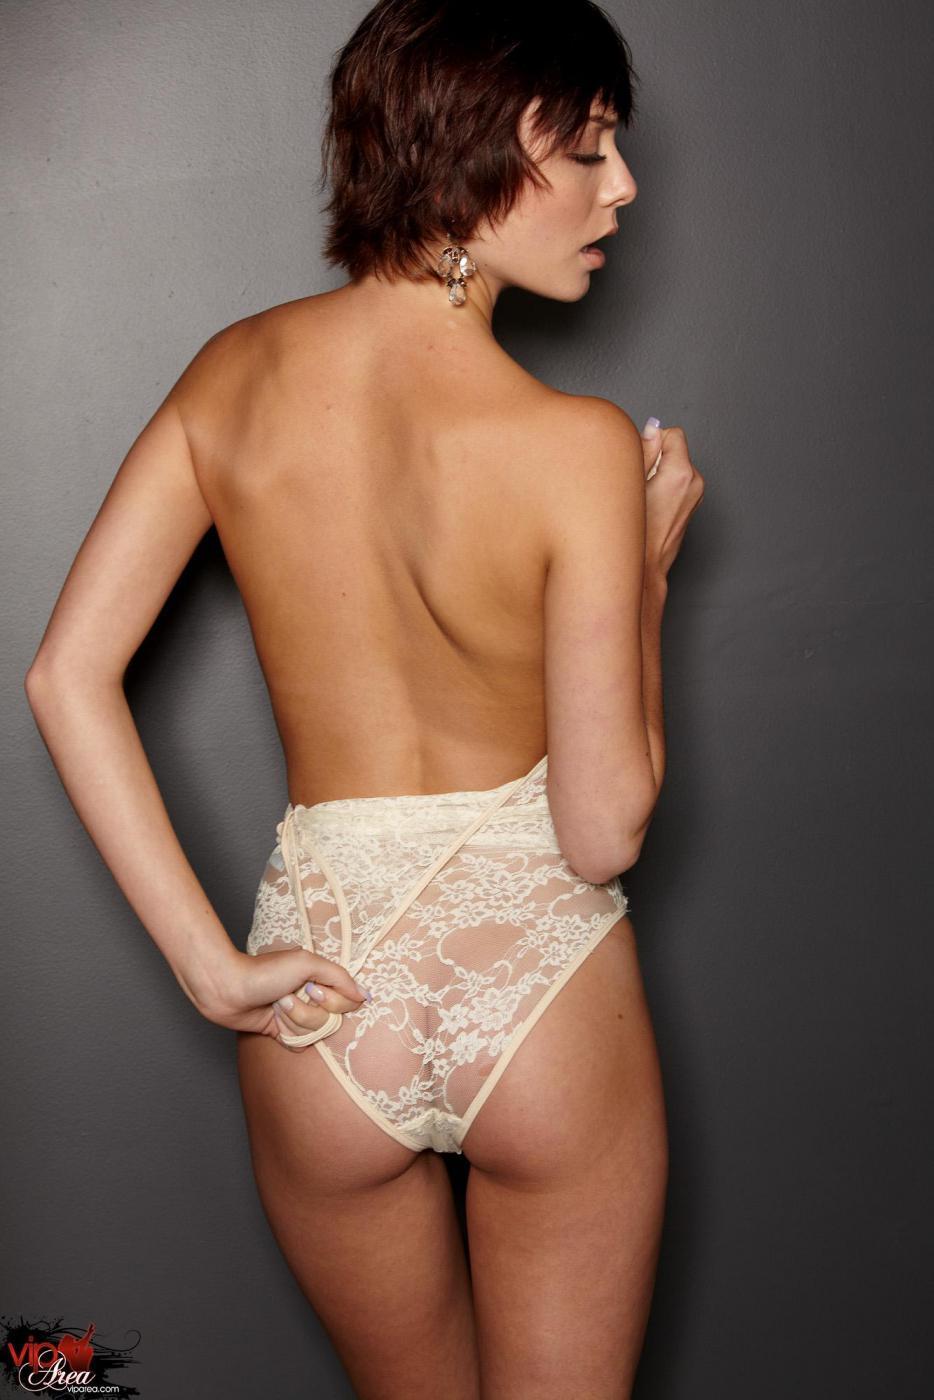 Самая элегантная русая порноактрисса Zoe Voss блистает свое стройное тело без ничего, кроме высоких каблуков